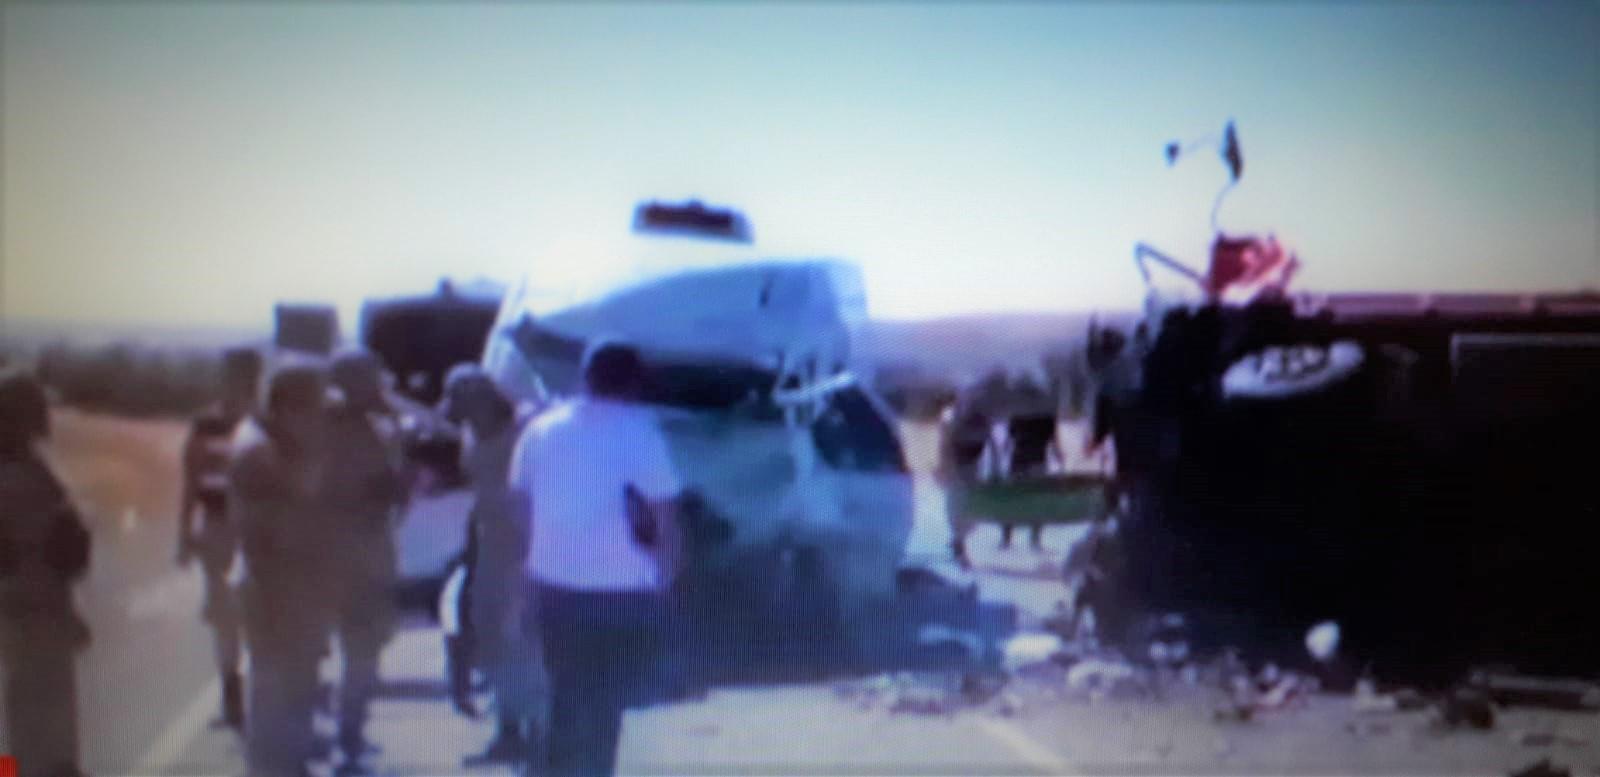 Feci Kazada 8 kişi hayatını kaybetti